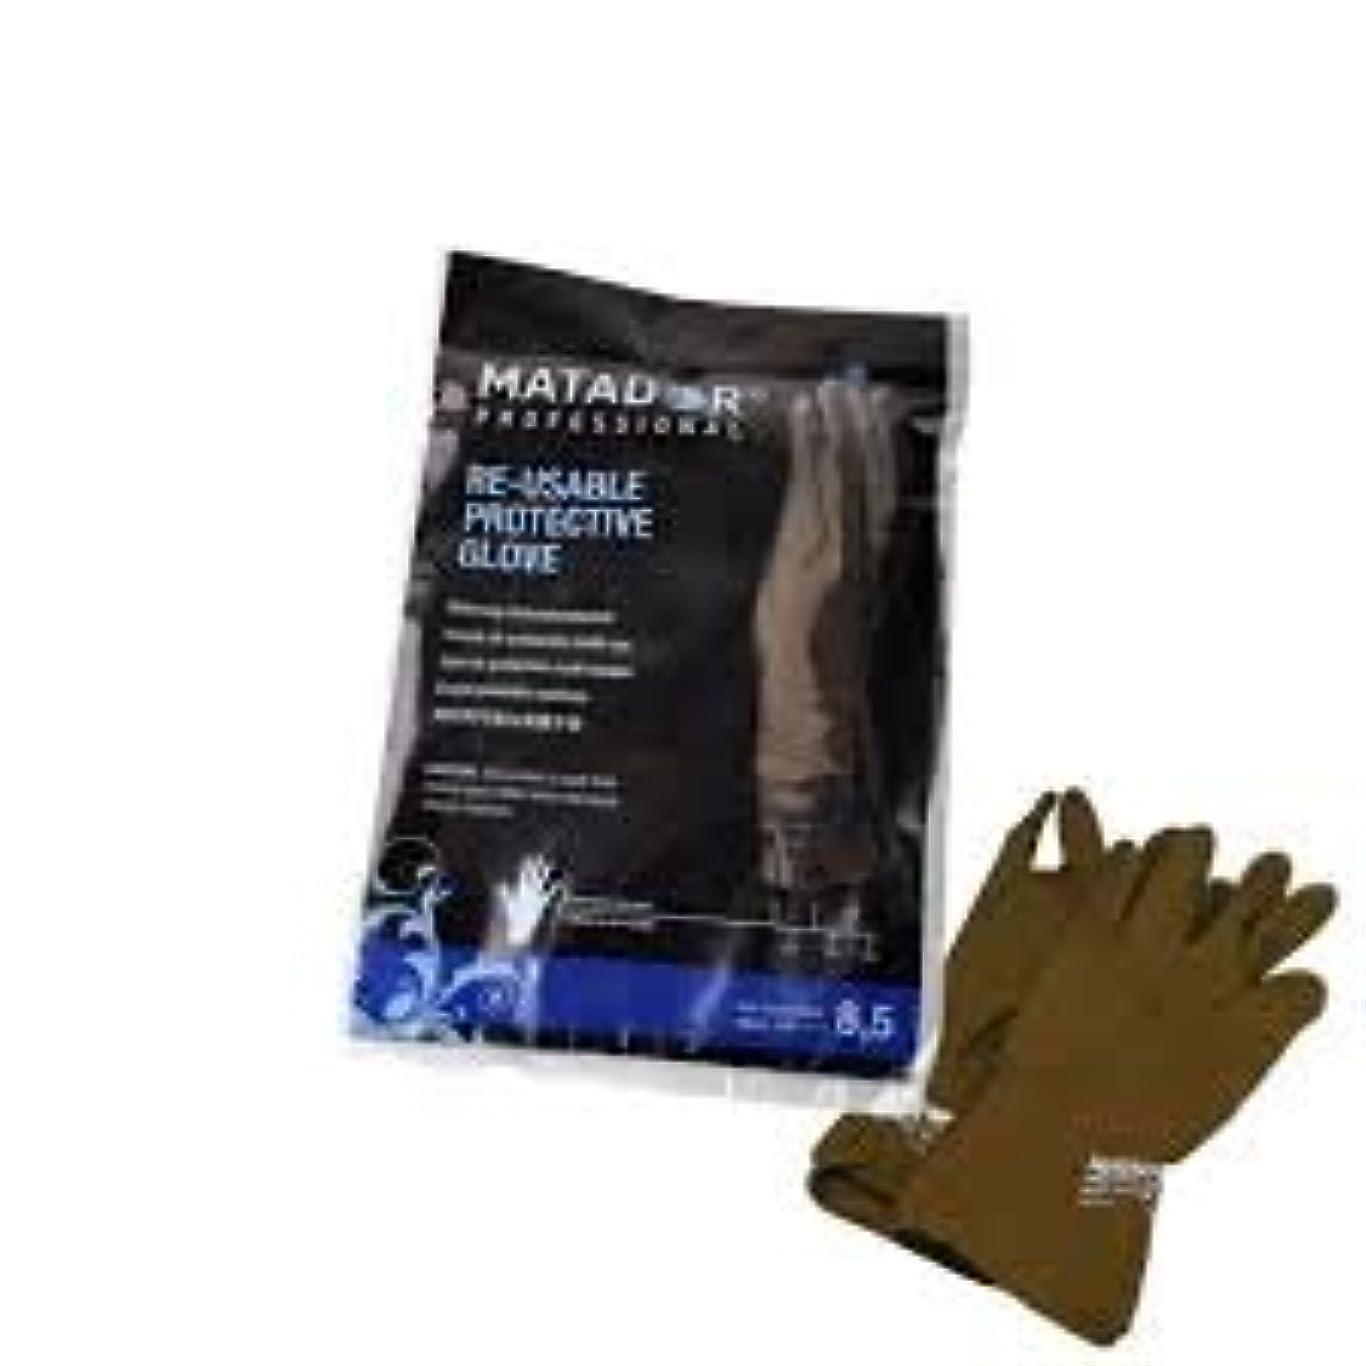 ドラゴンおいしい思いつくマタドールゴム手袋 8.5吋 【5個セット】